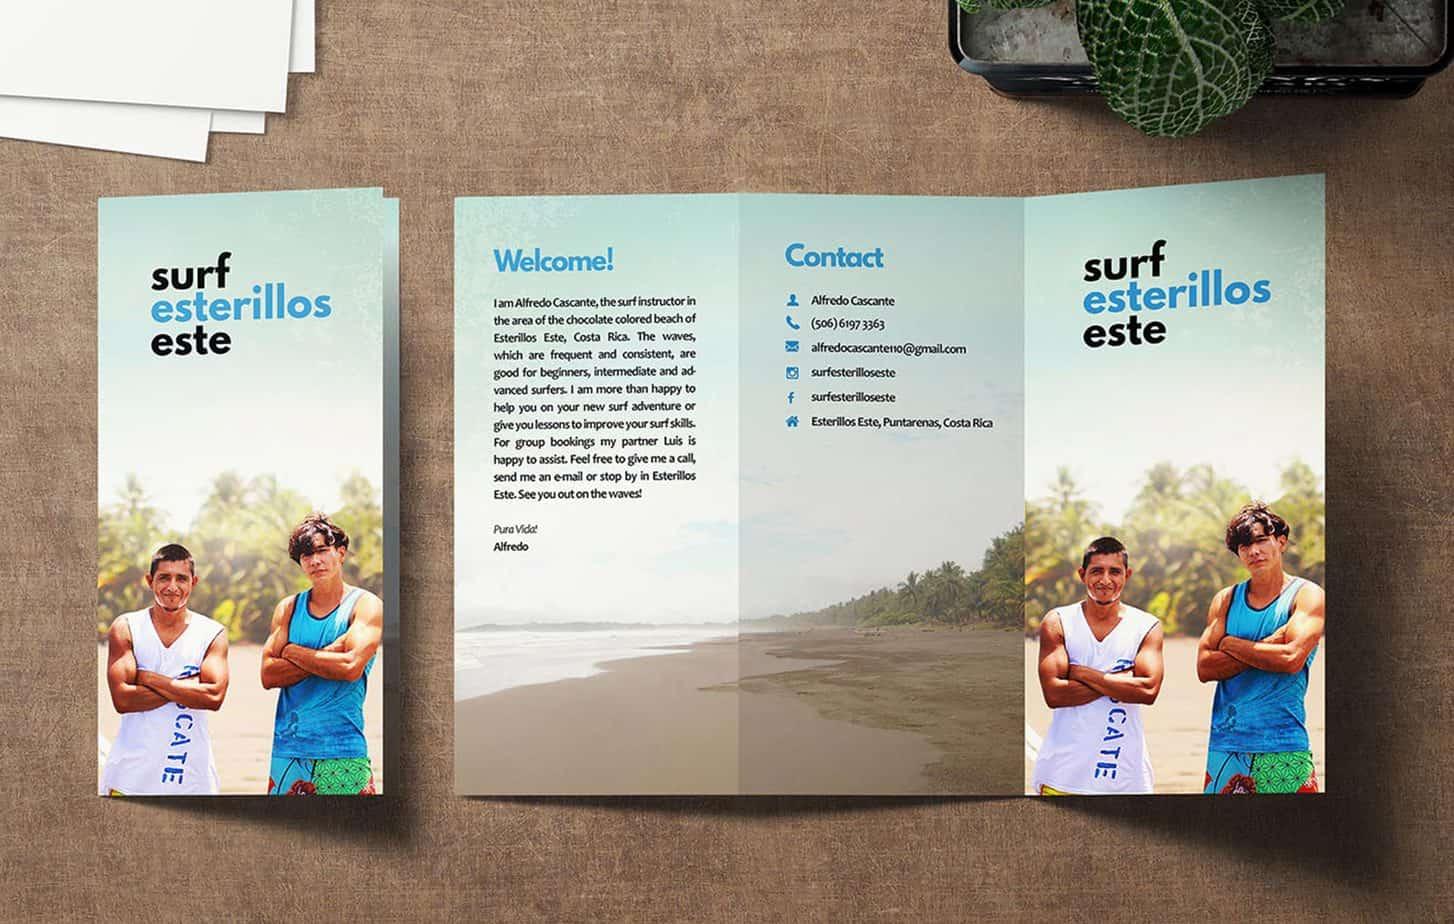 Graphiclagoon Surf2 Surf Esterillos Este